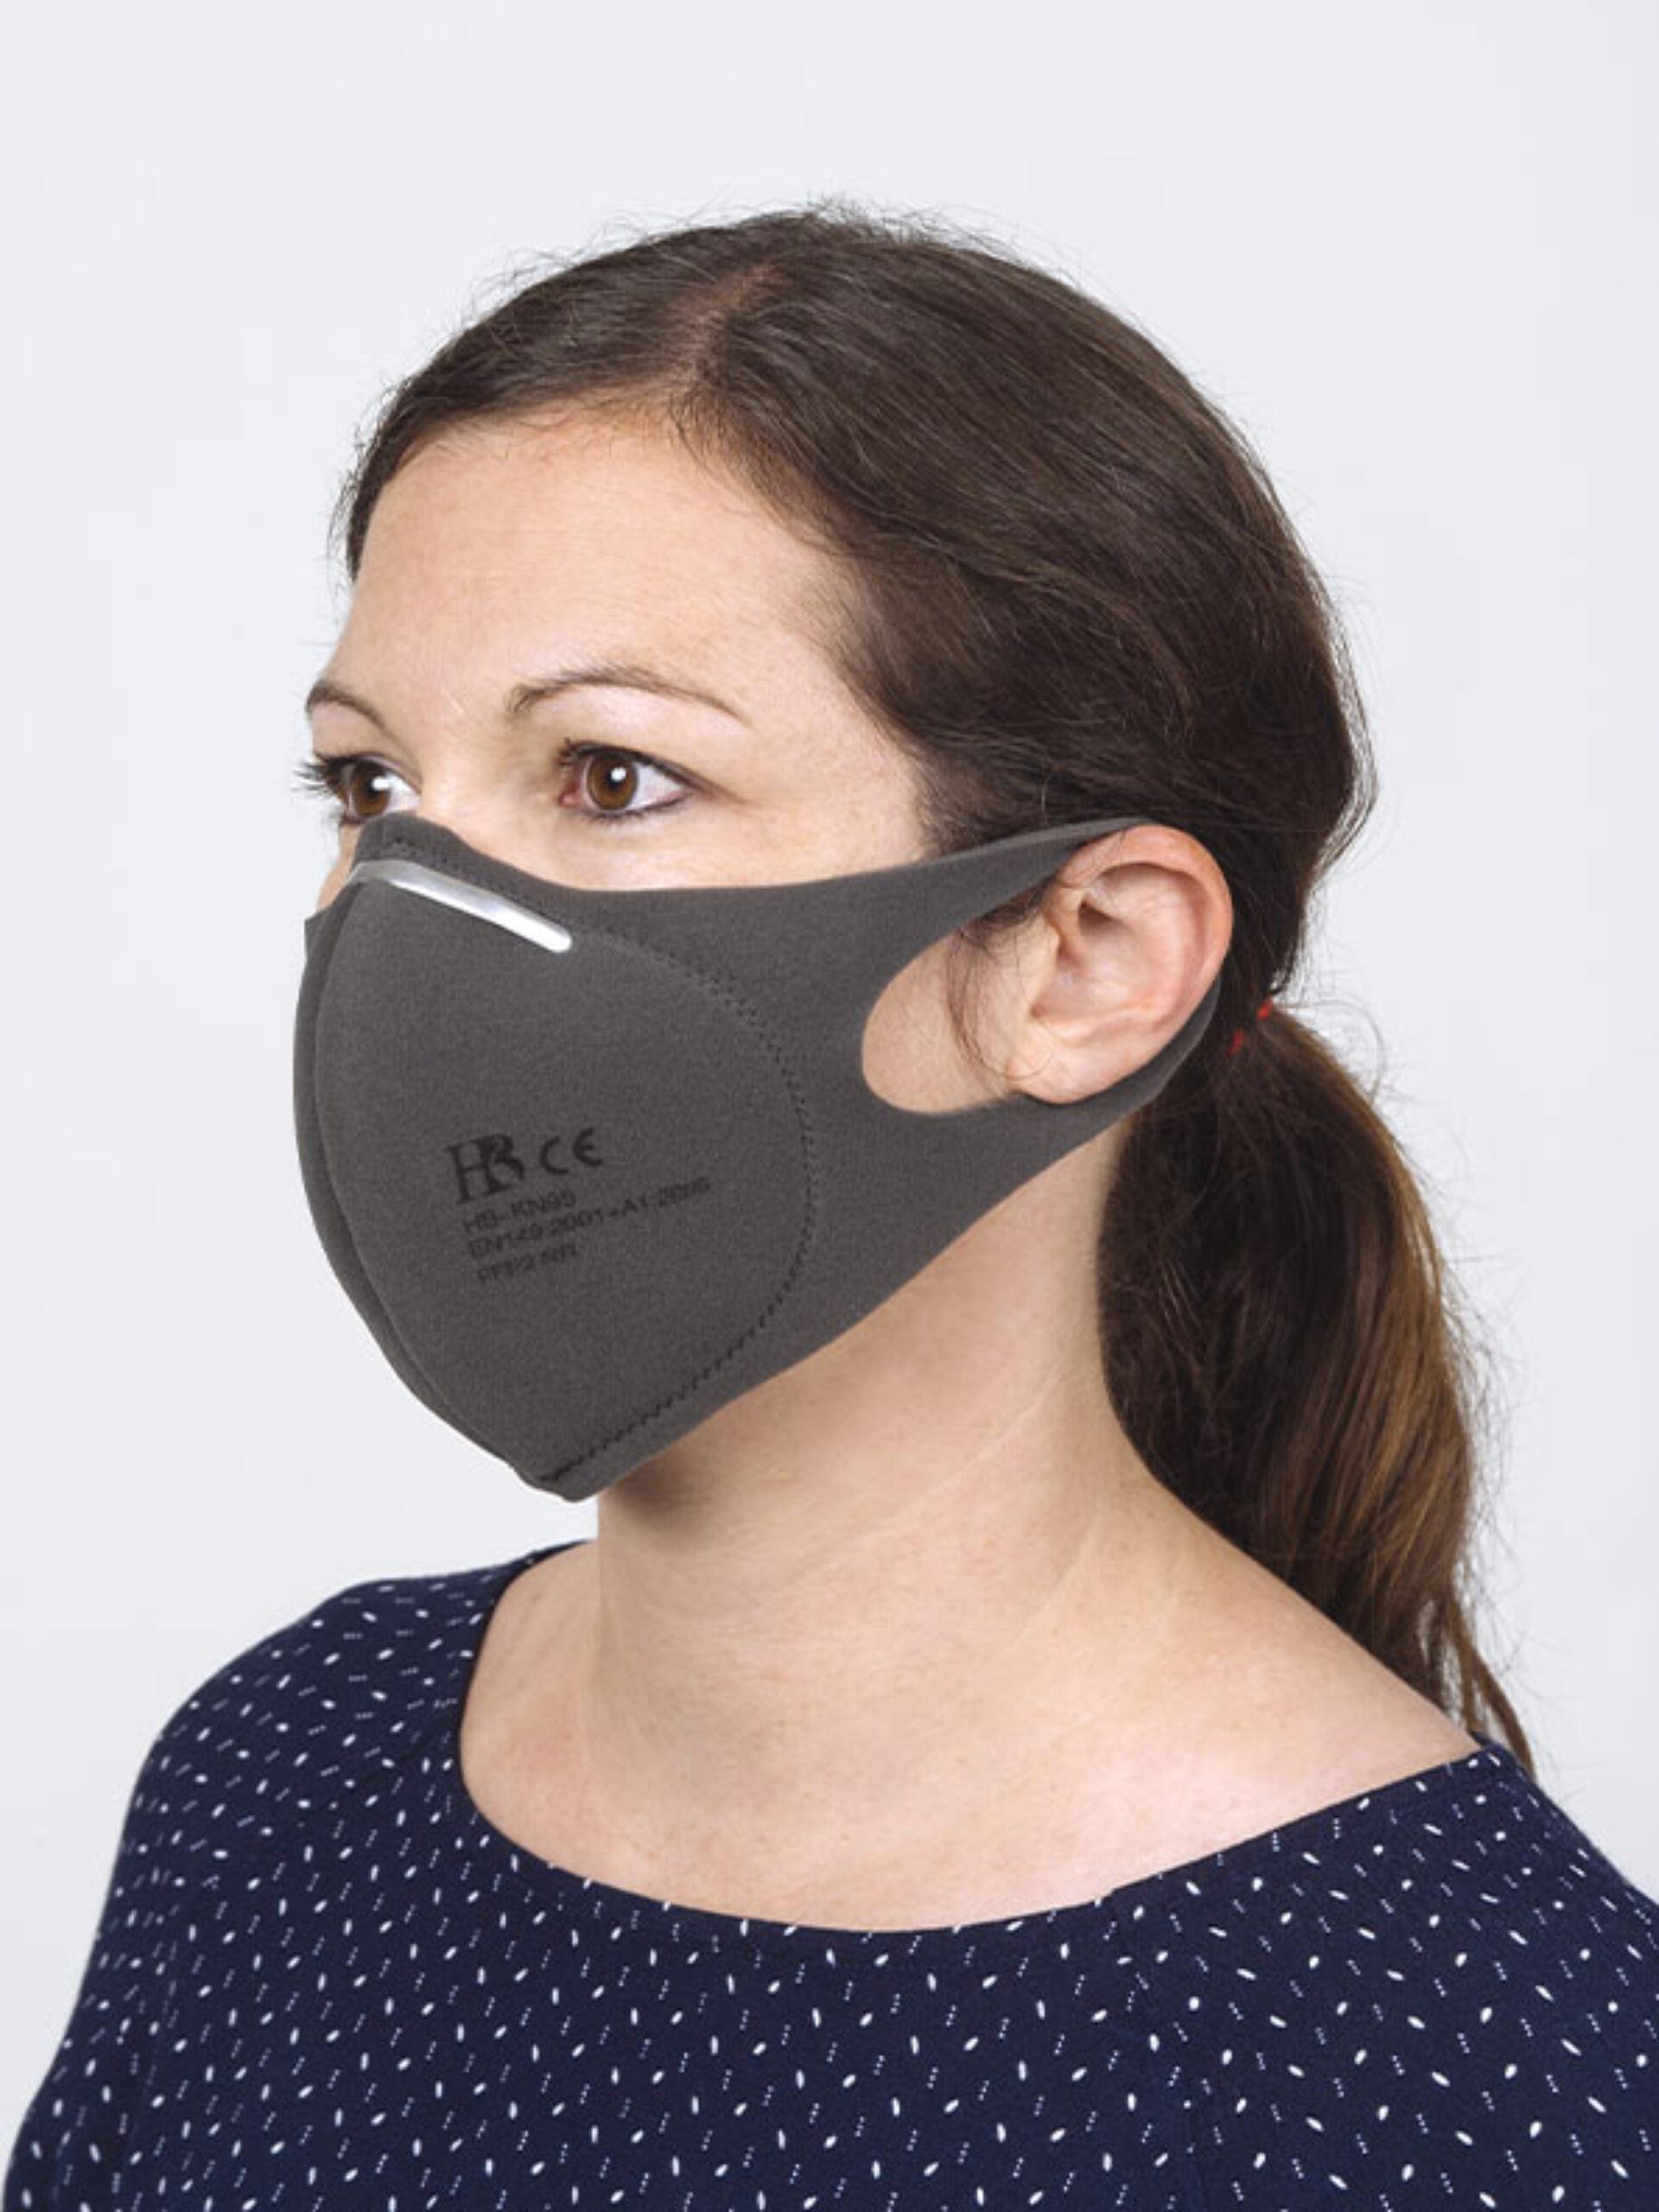 Schutzmasken Kn95 Ffp2 Kaufen Grau Schweiz